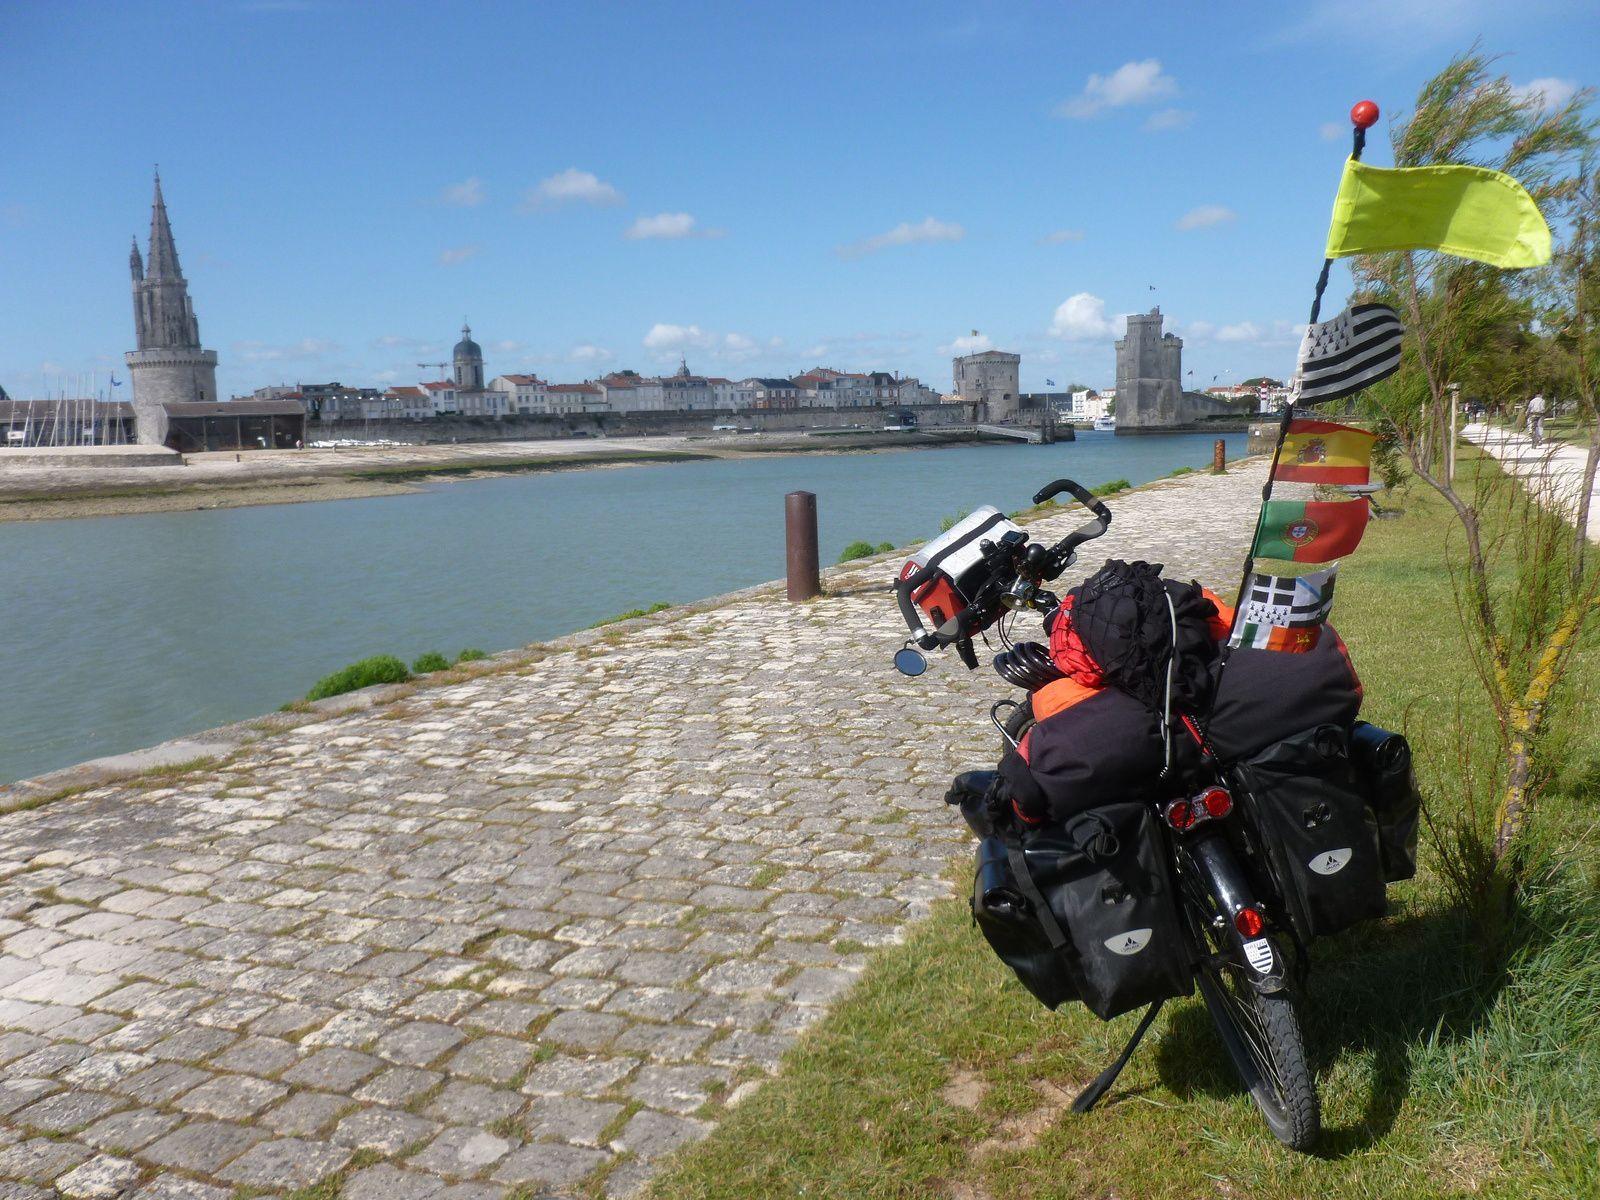 Bien le bonjour de Mout-Mout François au vieux port de La Rochelle. souvenirs, souvenirs.....